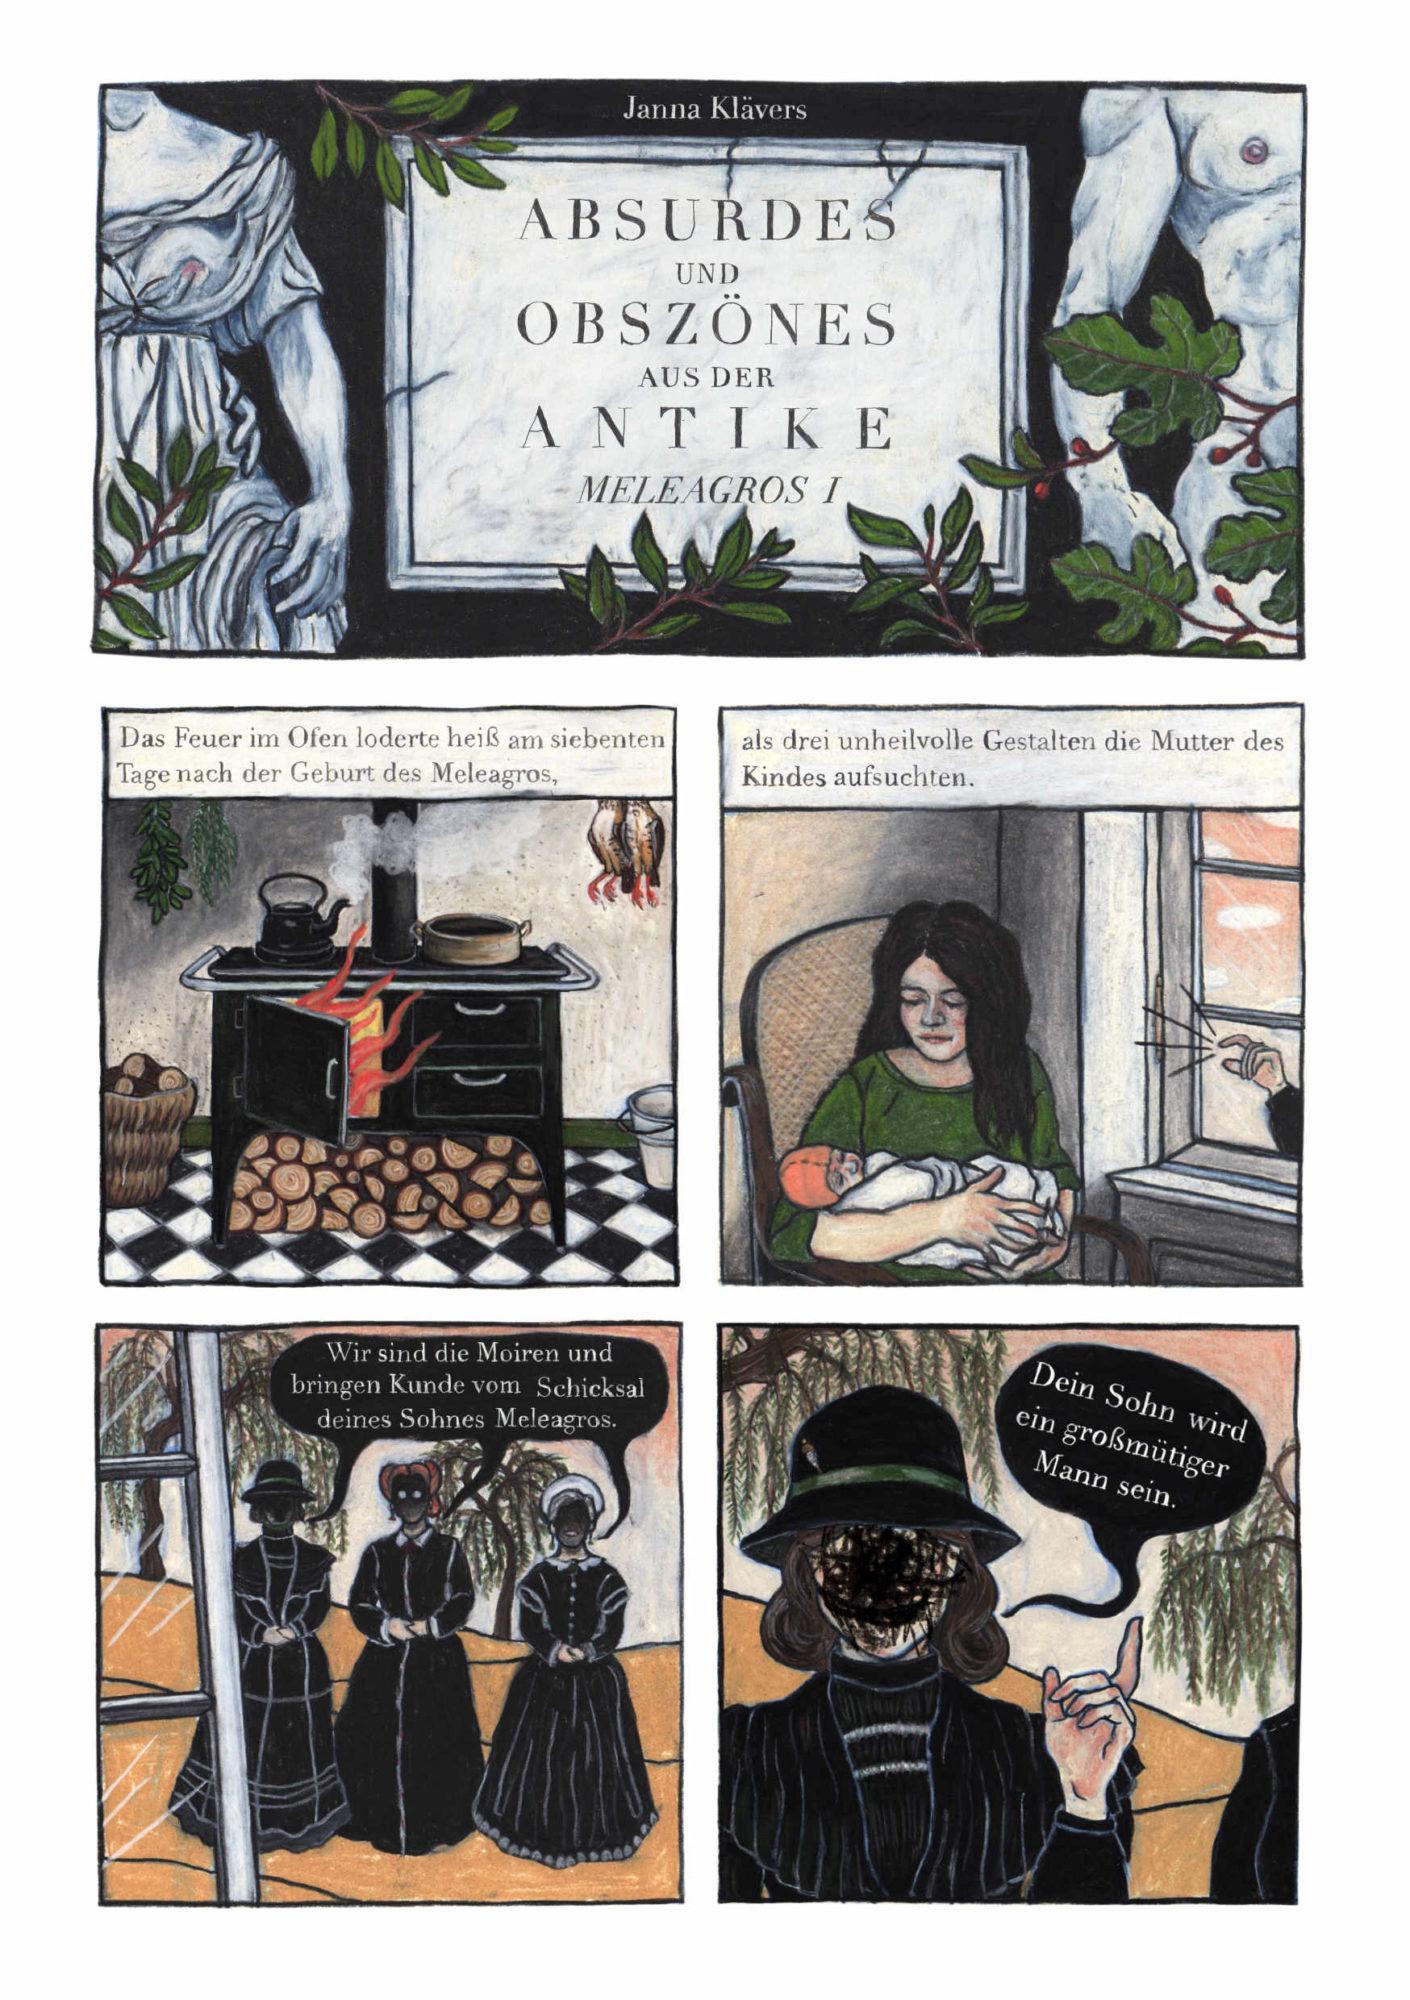 Illustration Janna Klävers